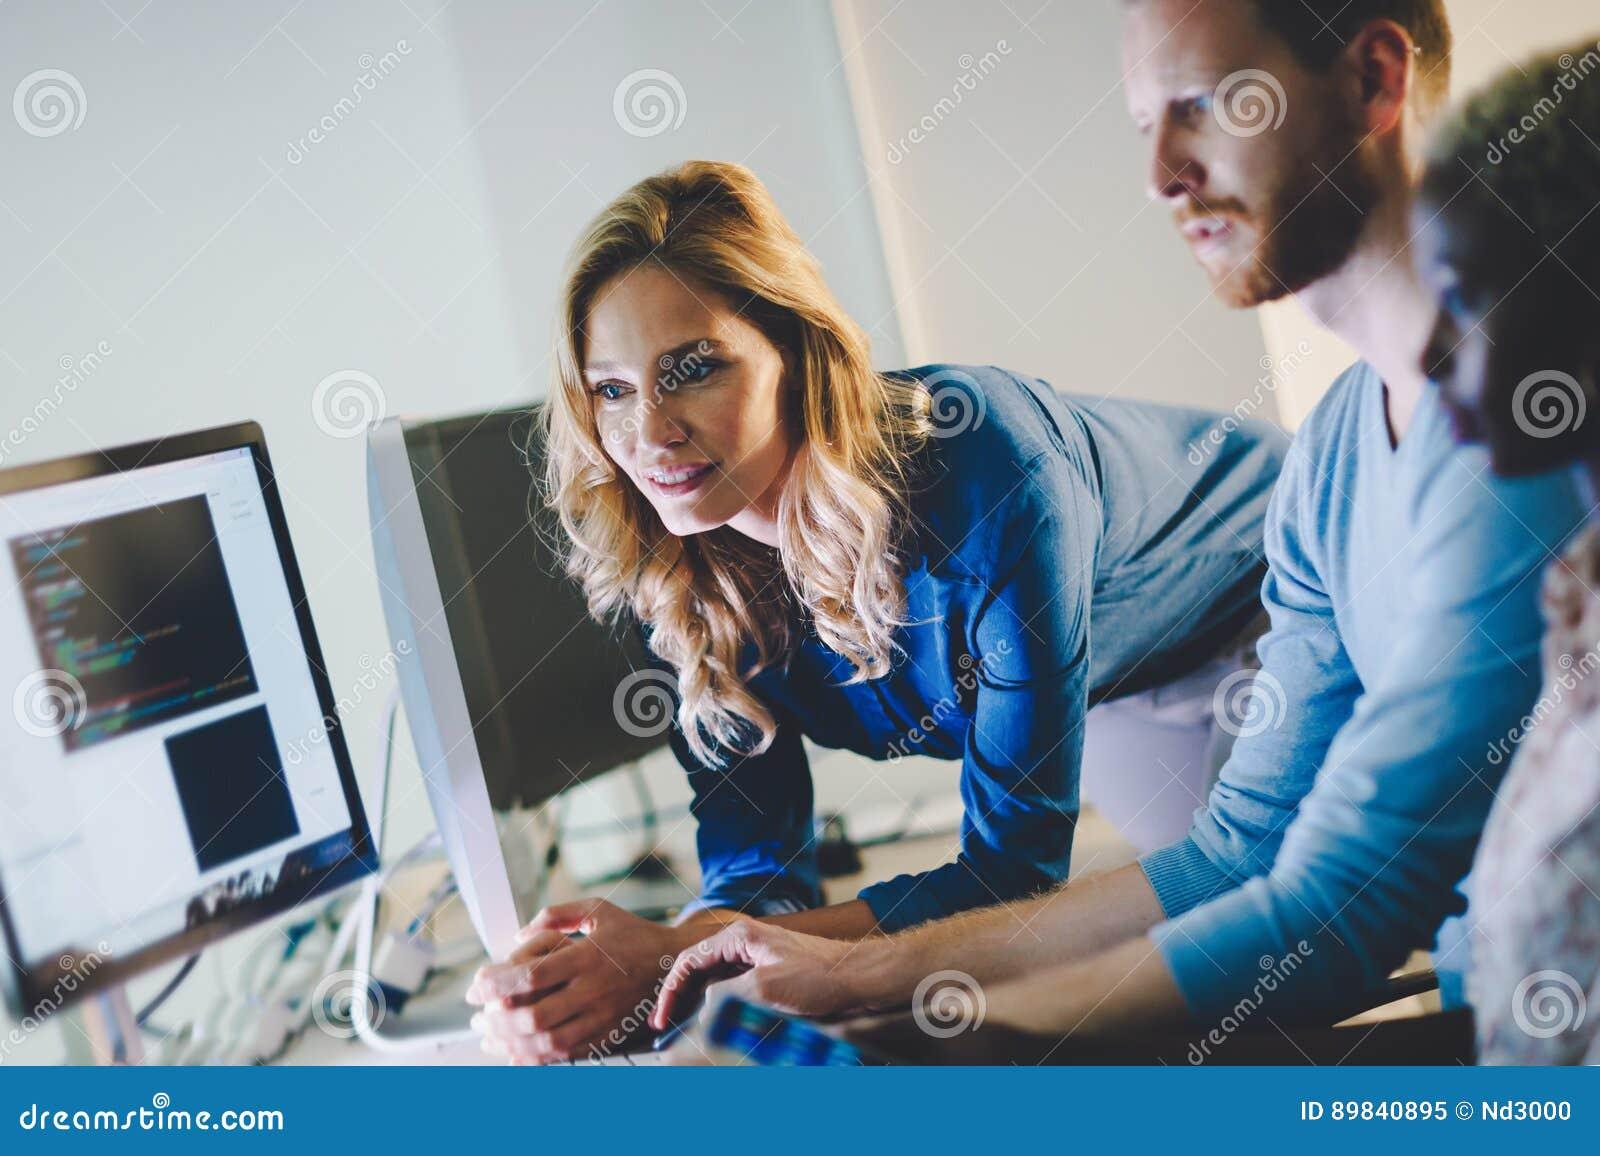 合作在信息技术公司的程序员